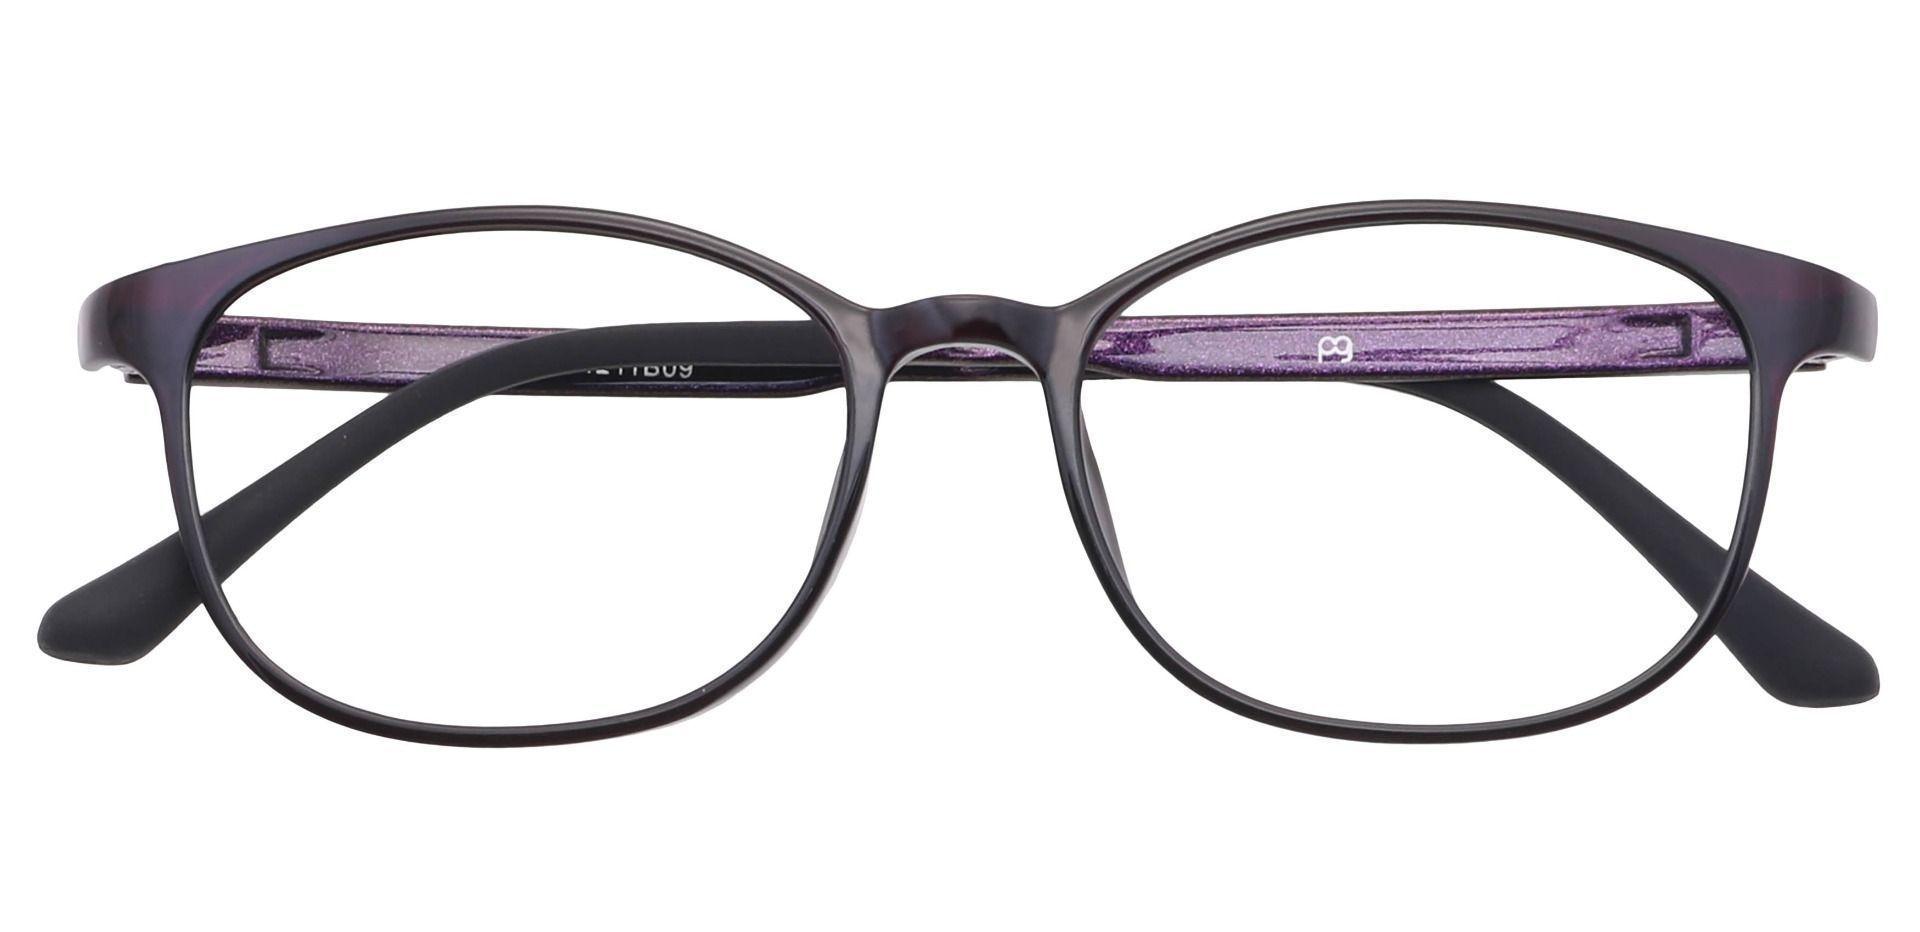 Sherry Oval Prescription Glasses - Purple